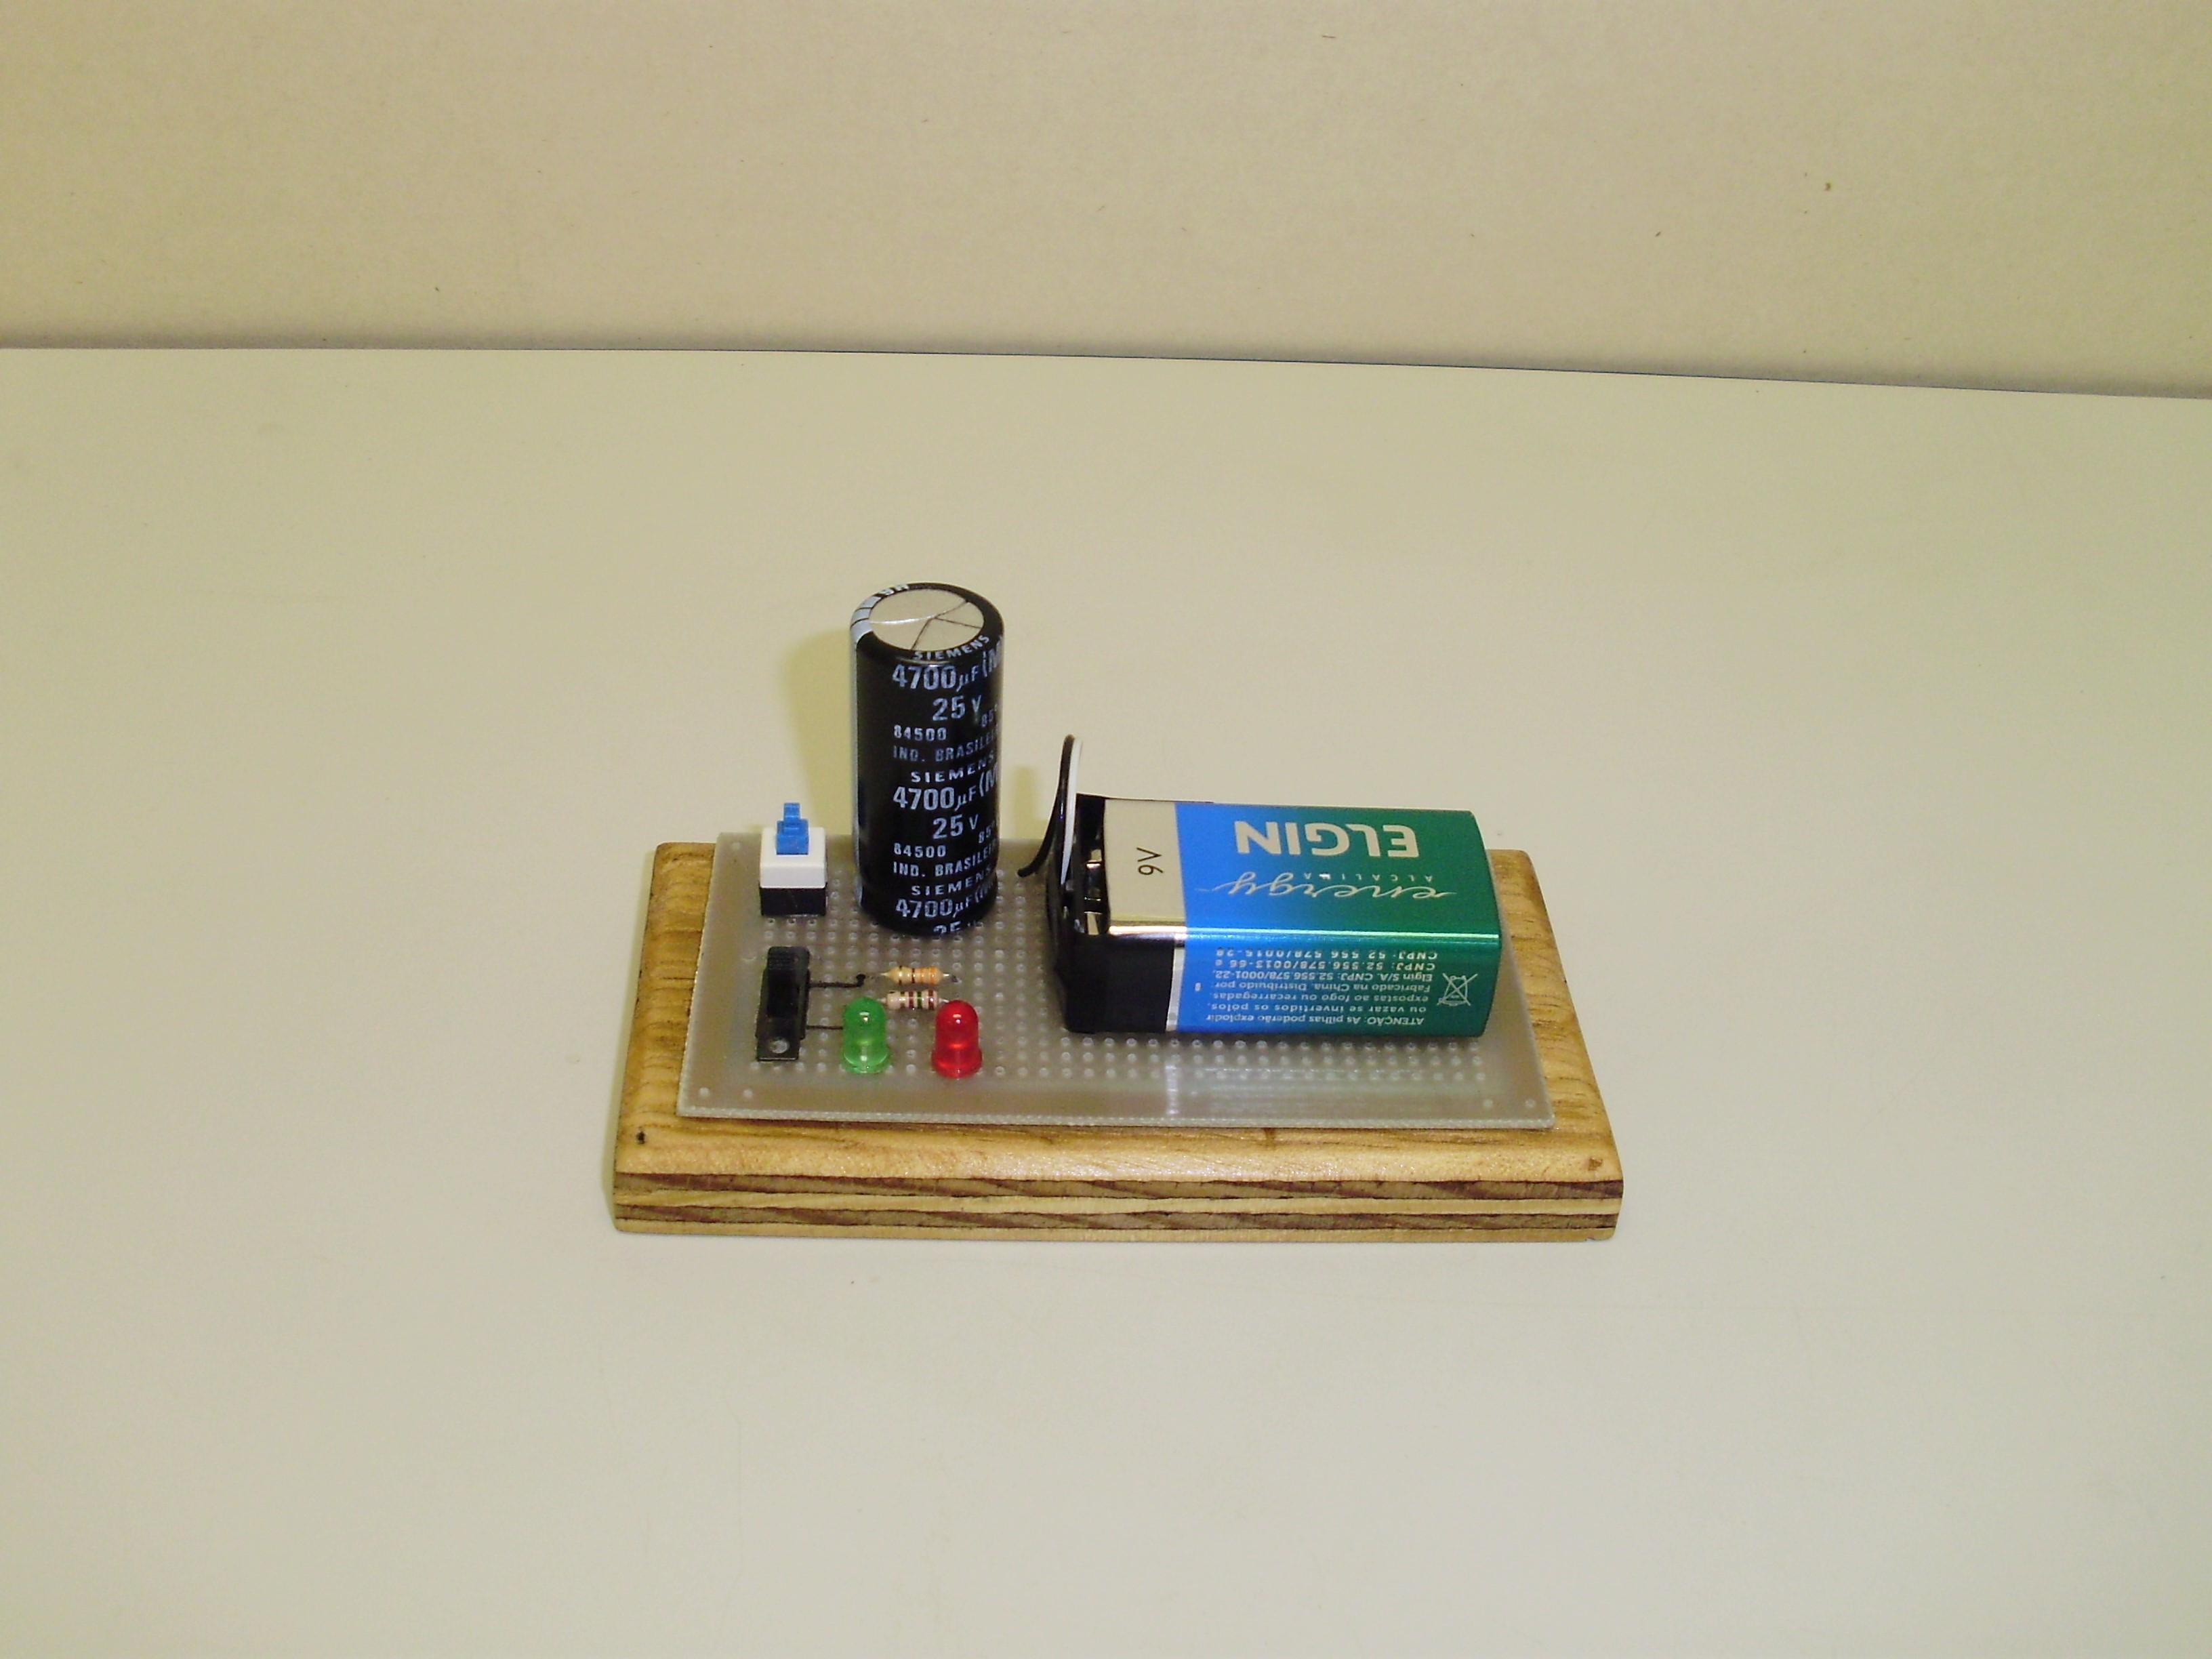 Circuito Rc : Circuito rc u2013 carga e descarga de capacitores u2013 lief u2013 lab. de